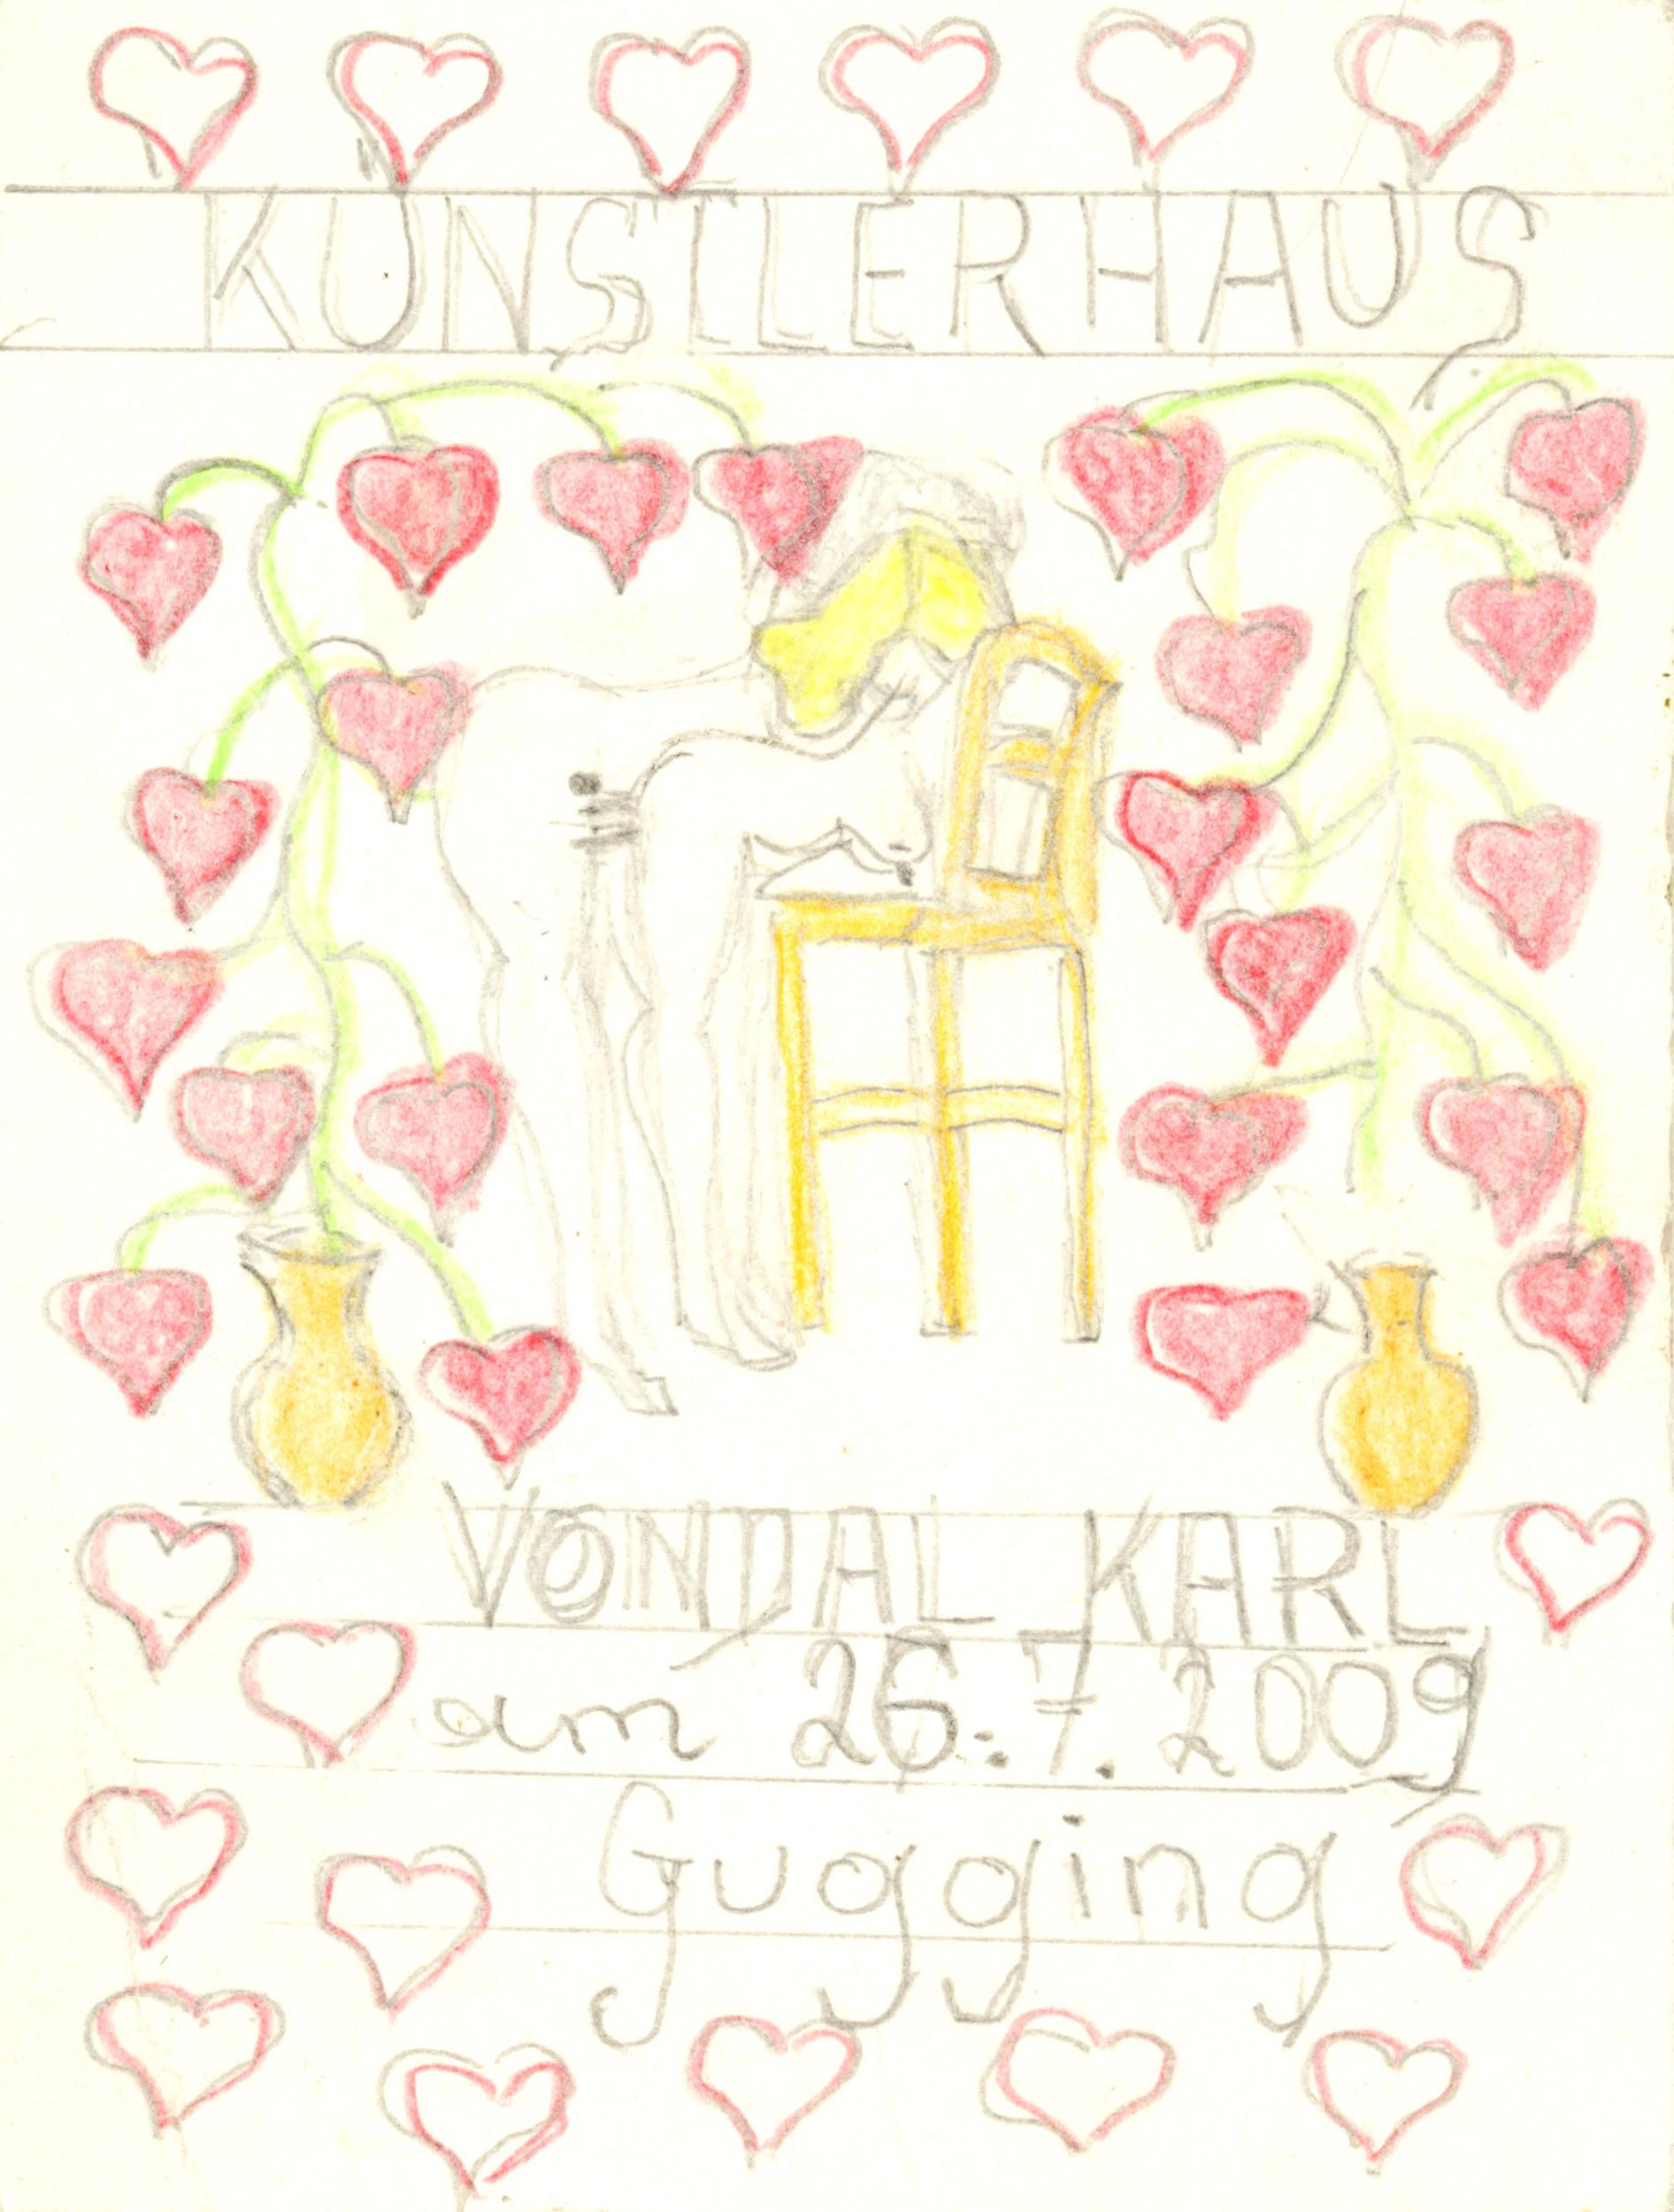 vondal karl - künstlerhaus / artists's hause